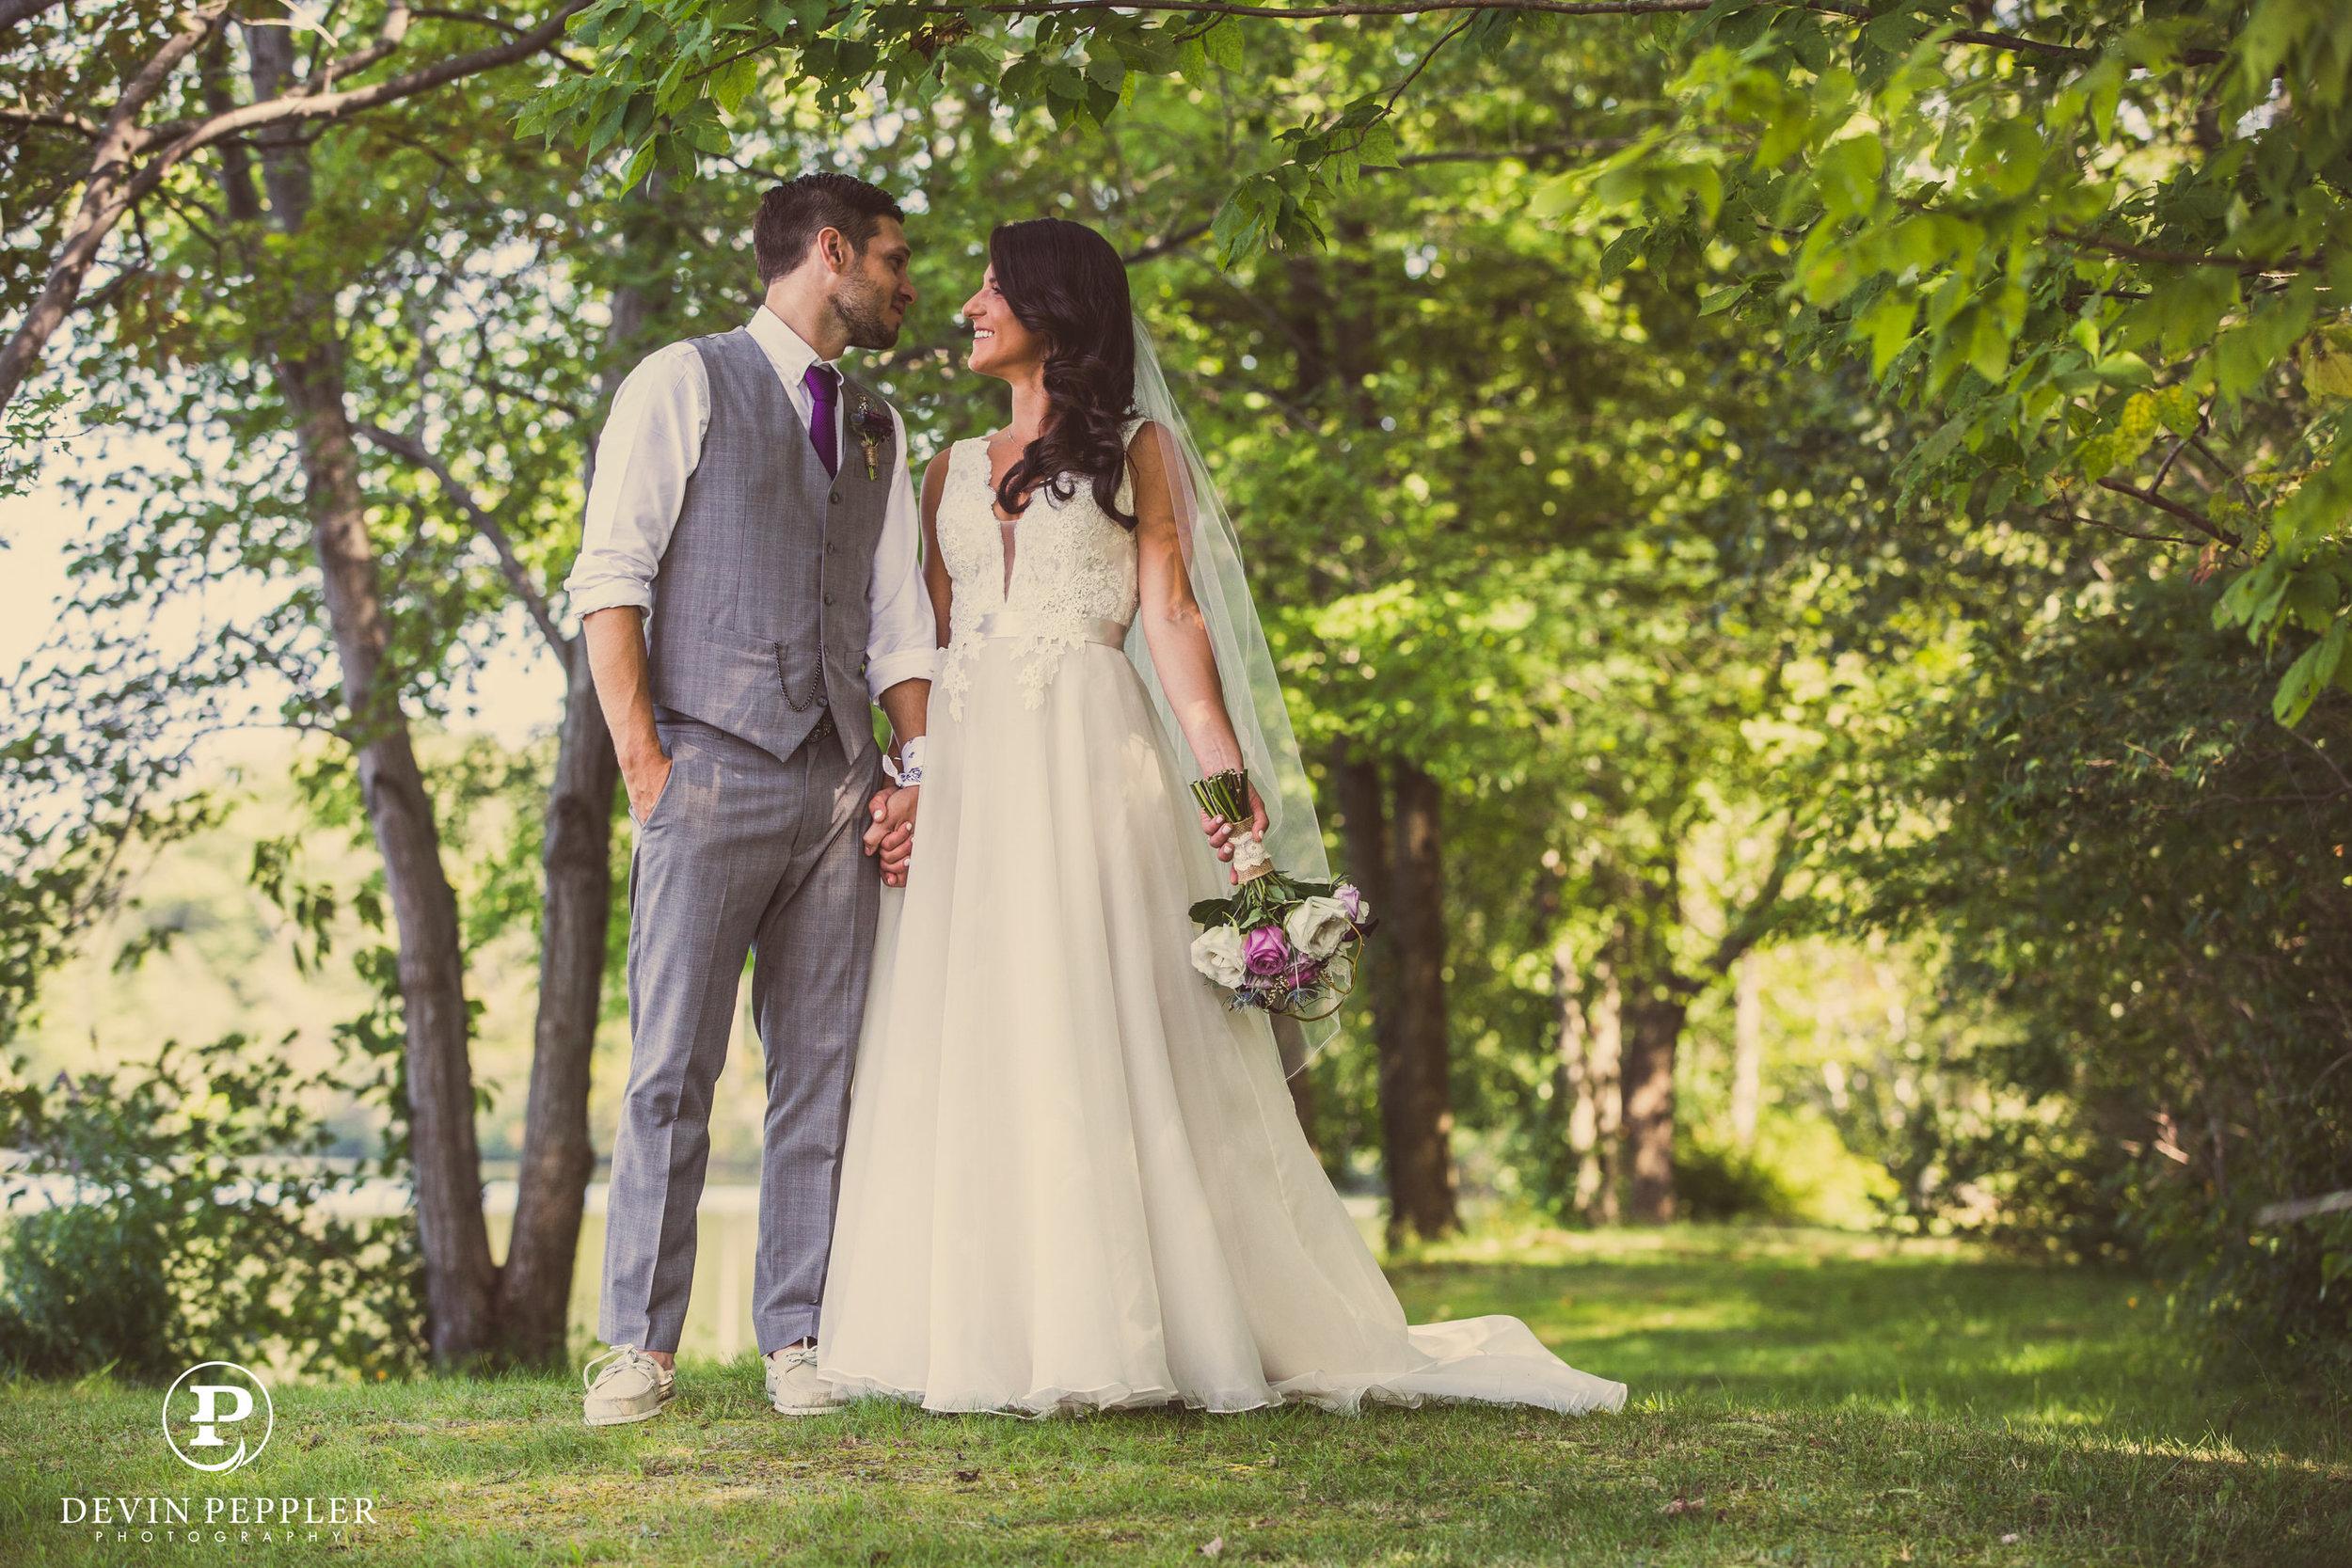 09 Camp Wedding Trout Lake Poconos Aribella Events Walk in the Park.jpg